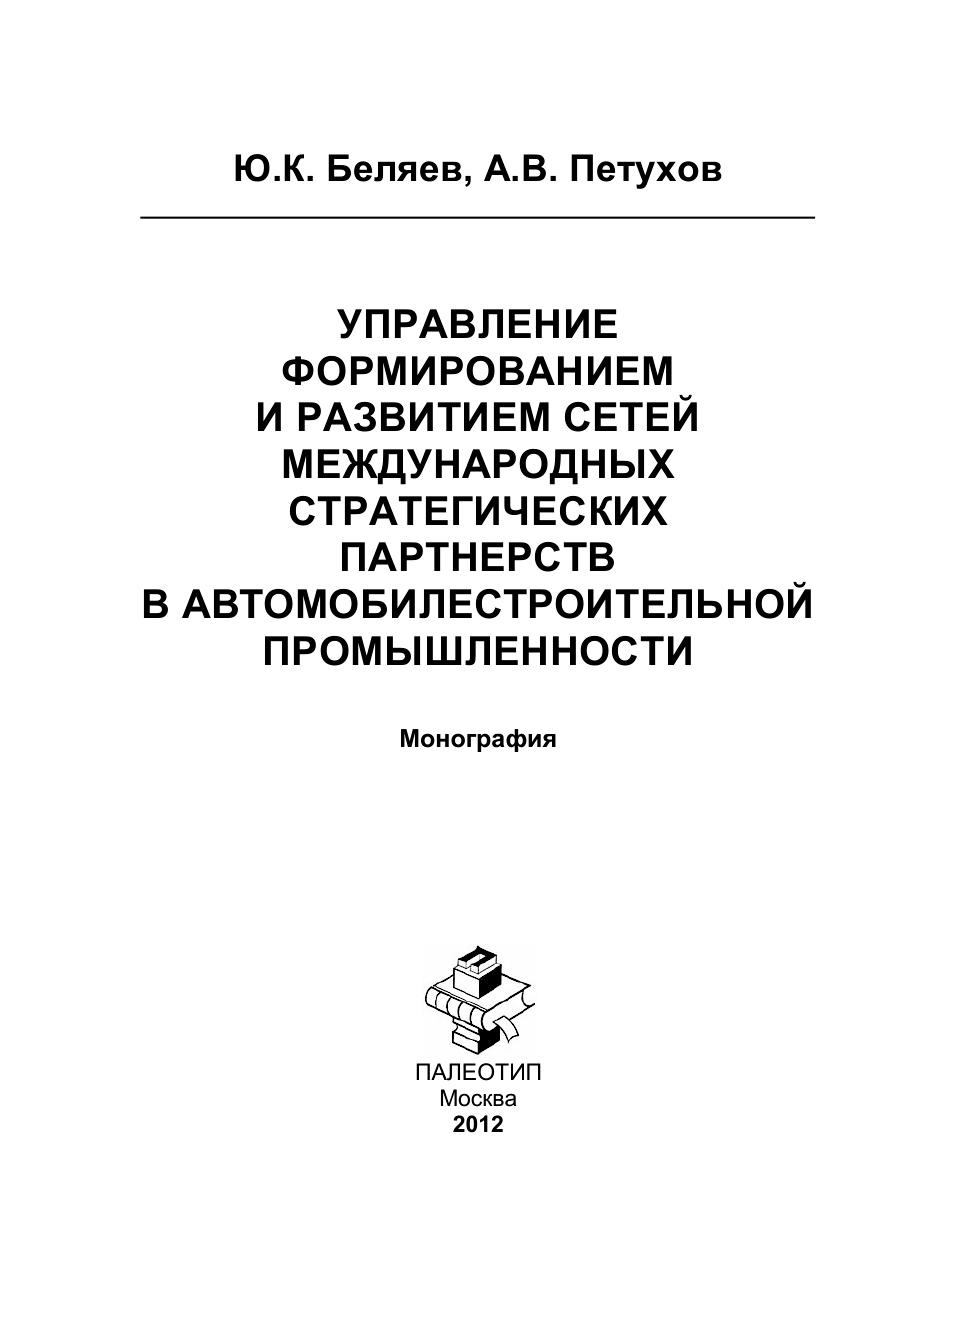 Ю. К. Беляев Управление формированием и развитием сетей международных стратегических партнерств в автомобилестроительной промышленности